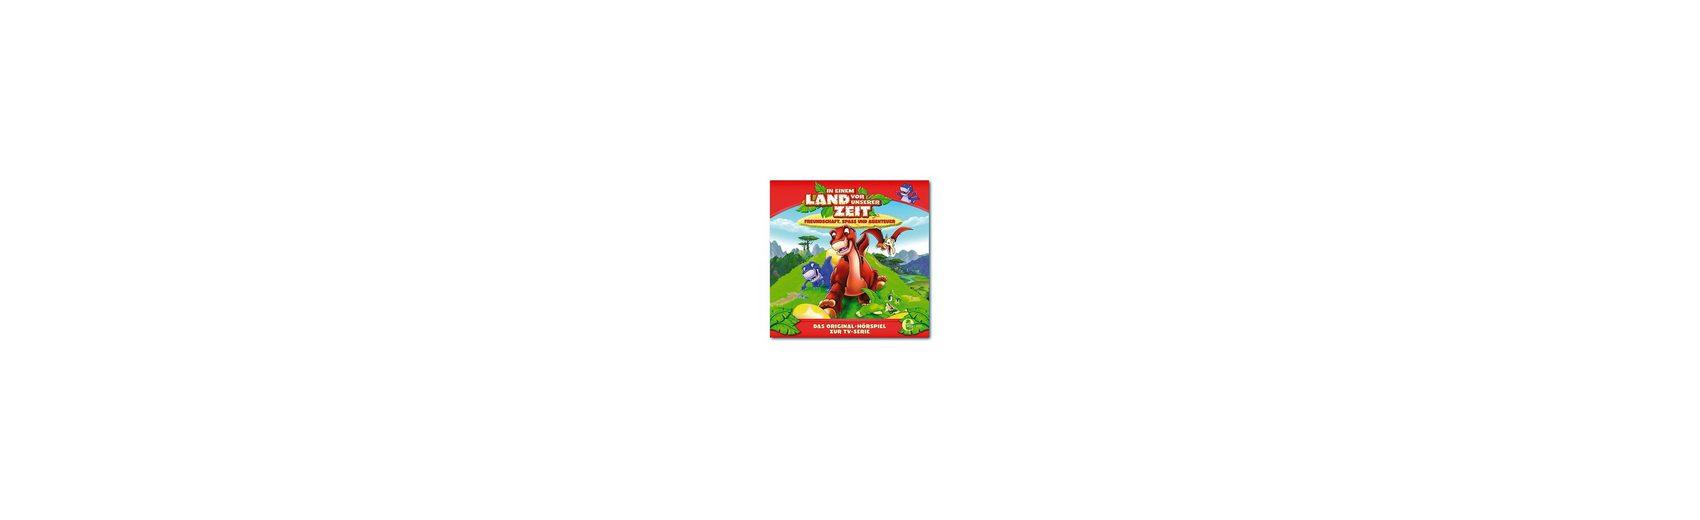 Edel Germany GmbH CD In einem Land vor unserer Zeit 03 Original Hörspiel zu TV